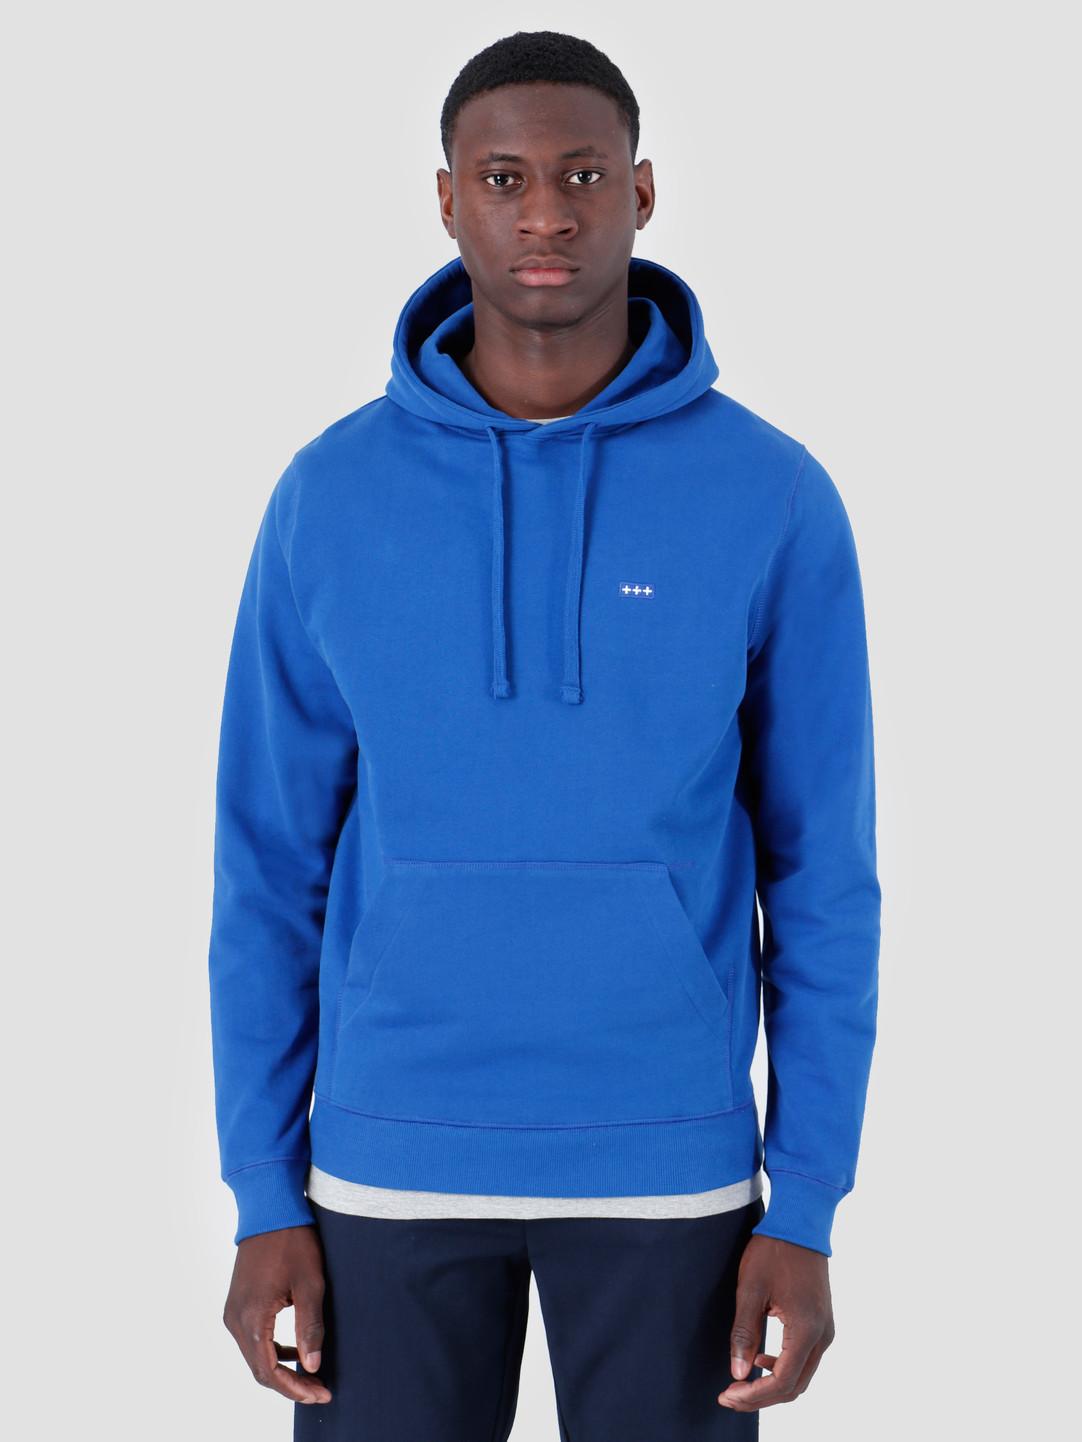 Quality Blanks Quality Blanks QB93 Patch Logo Hoodie Royal Blue